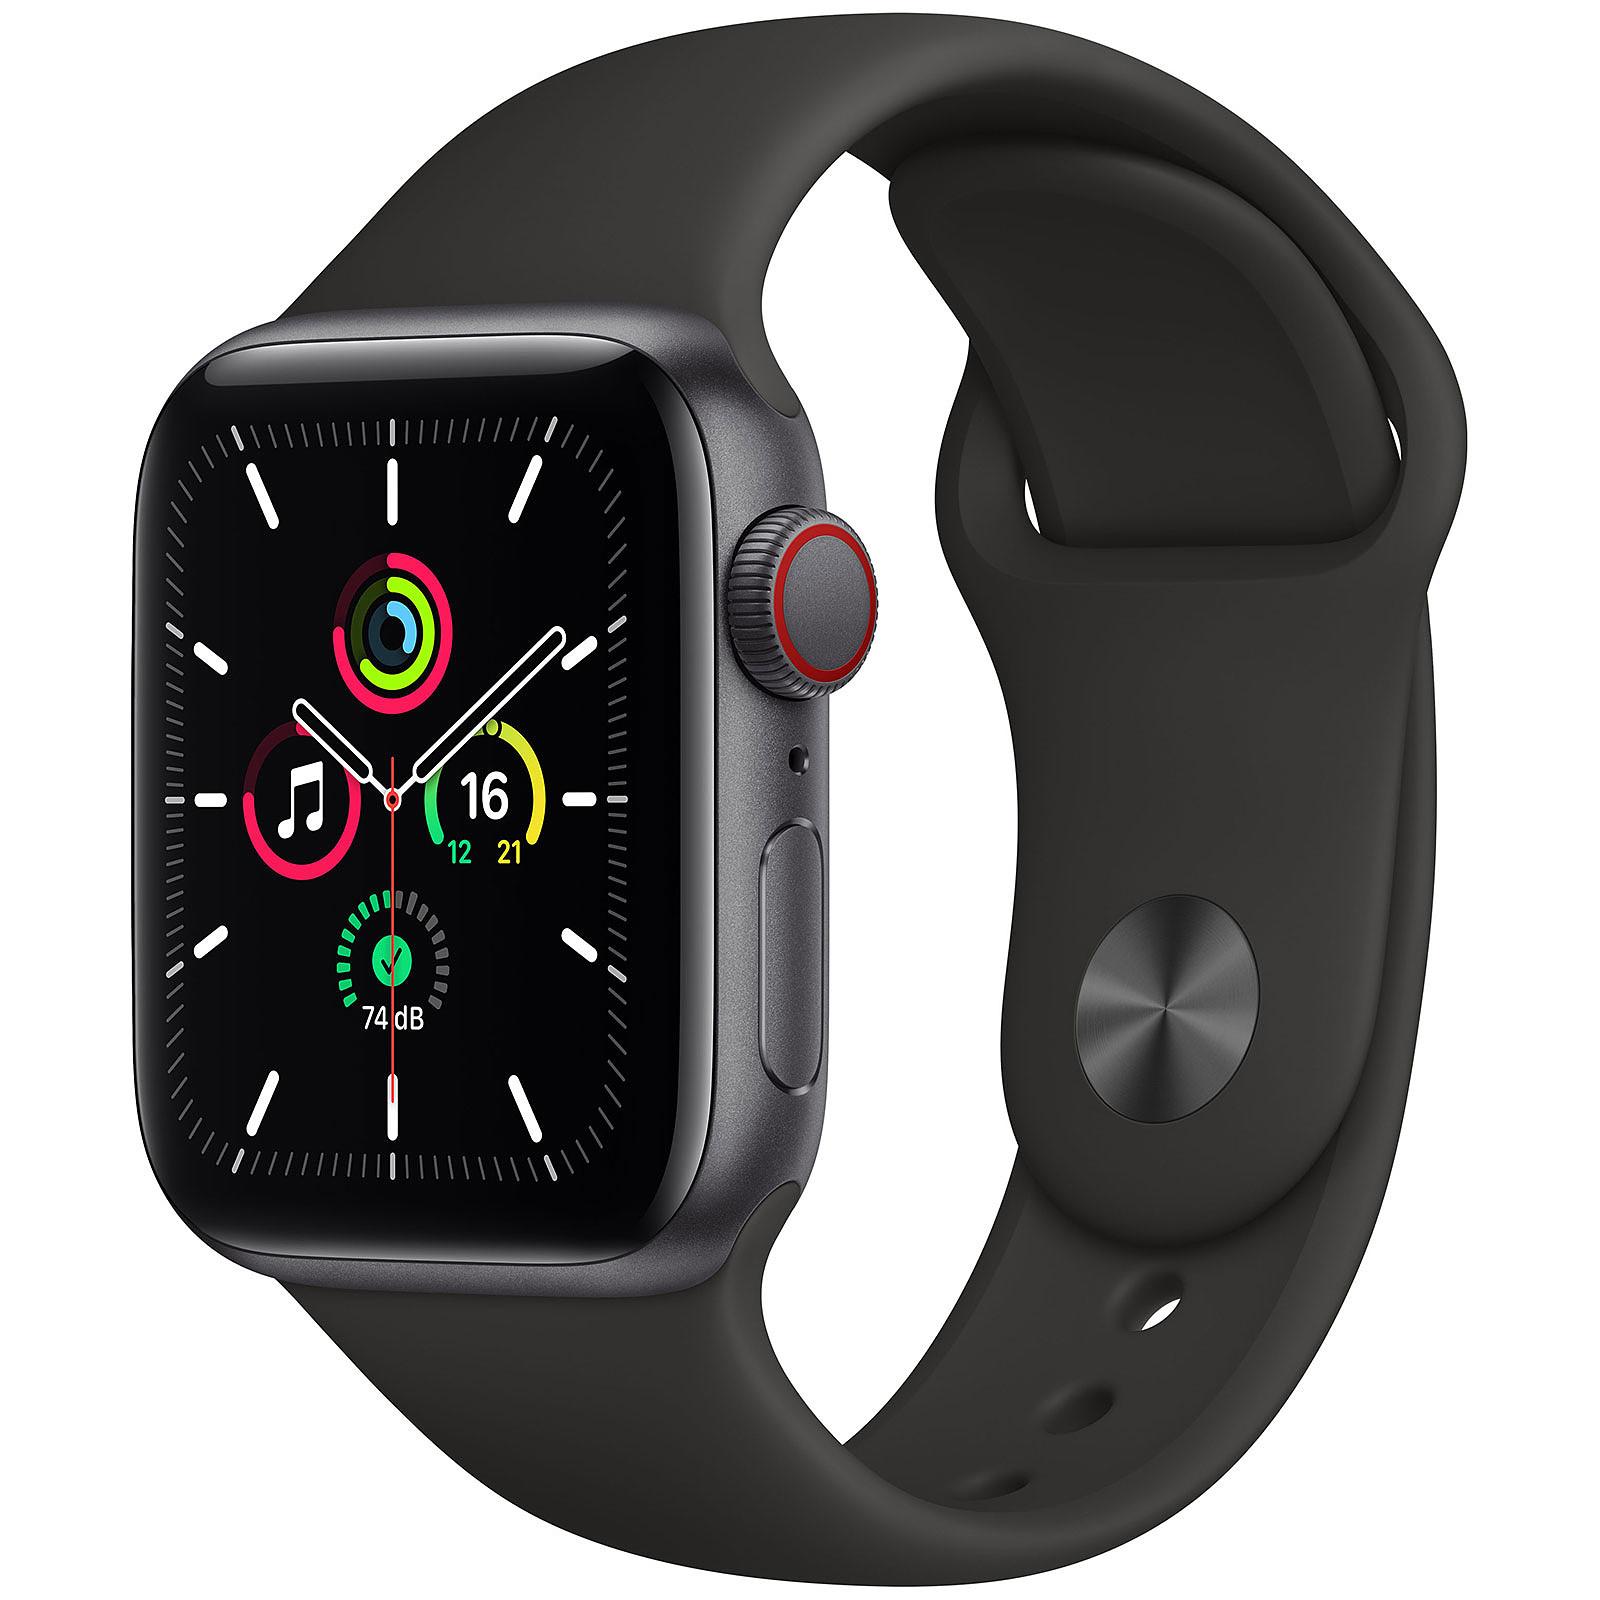 [CDAV] Montre connectée Apple Watch SE (GPS + Cellular) - 40 mm, Boîtier en Aluminium Gris Sidéral avec Bracelet Sport Noir